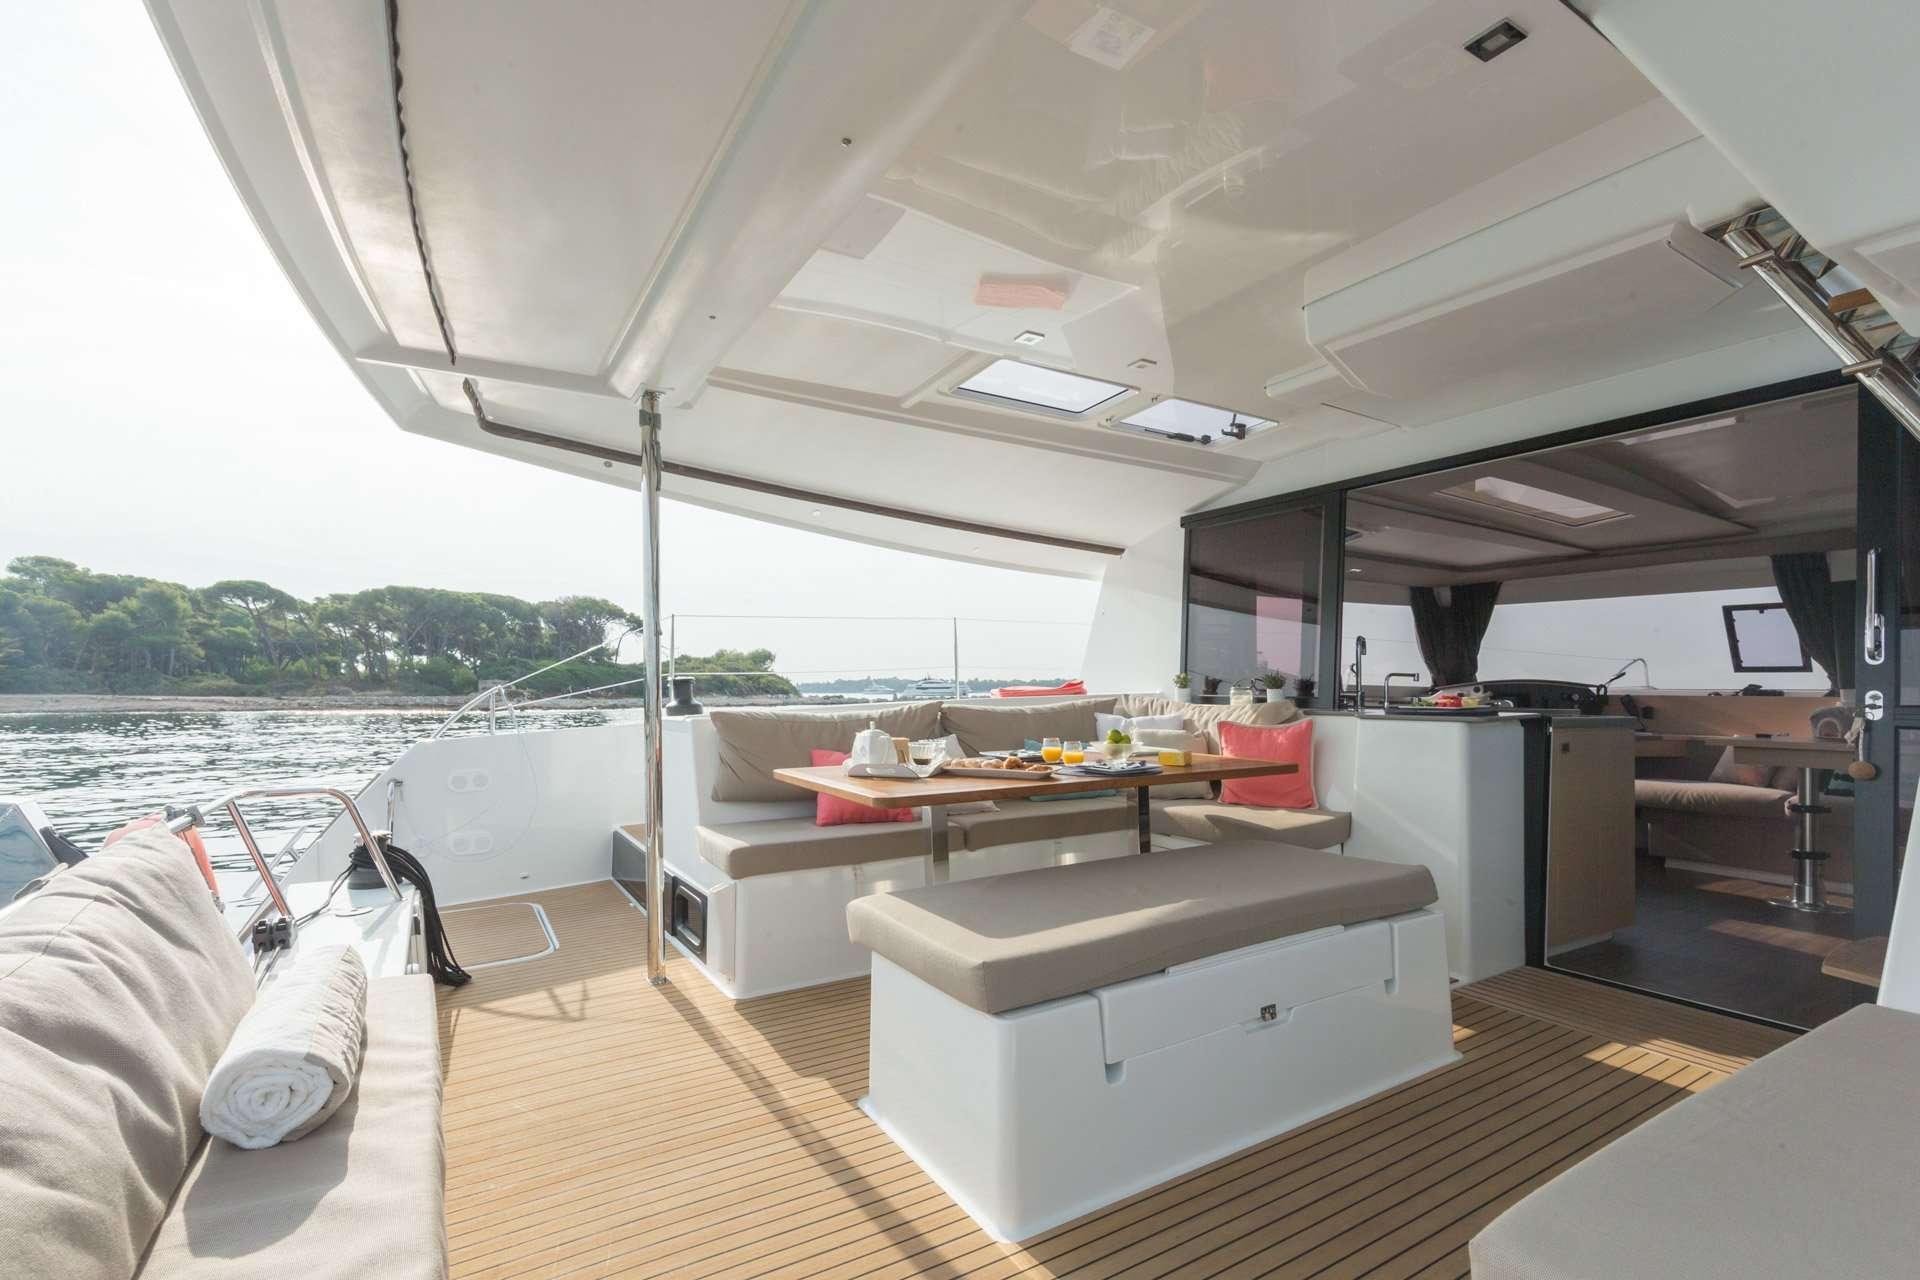 Cat Yacht 'Cat', 4 PAX, 2 Crew, 44.00 Ft, 13.00 Meters, Built 2019, Fontaine Pajot, Refit Year